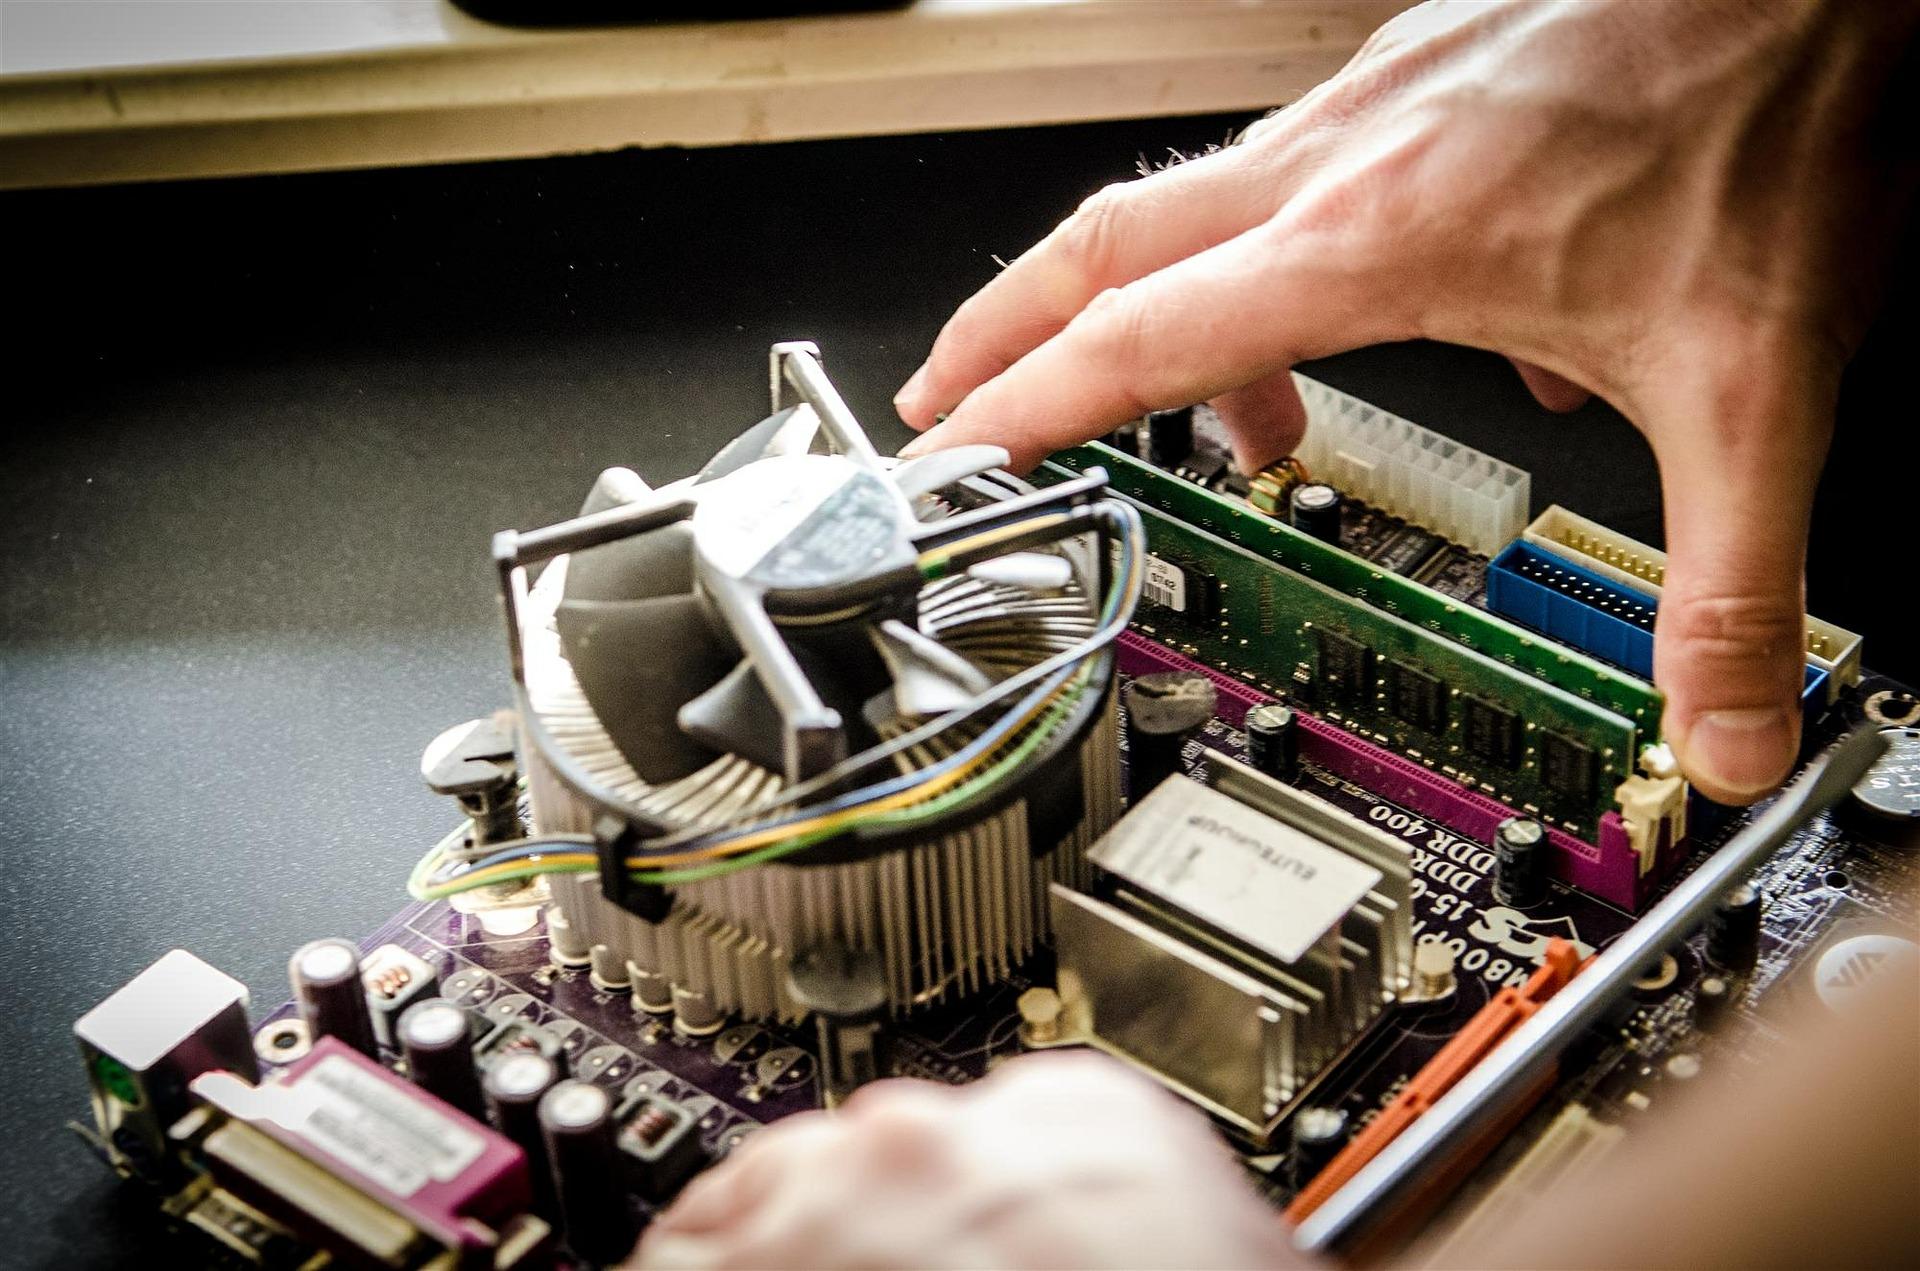 Dobry serwis komputerowy - na co zwrócić uwagę podczas wyboru?